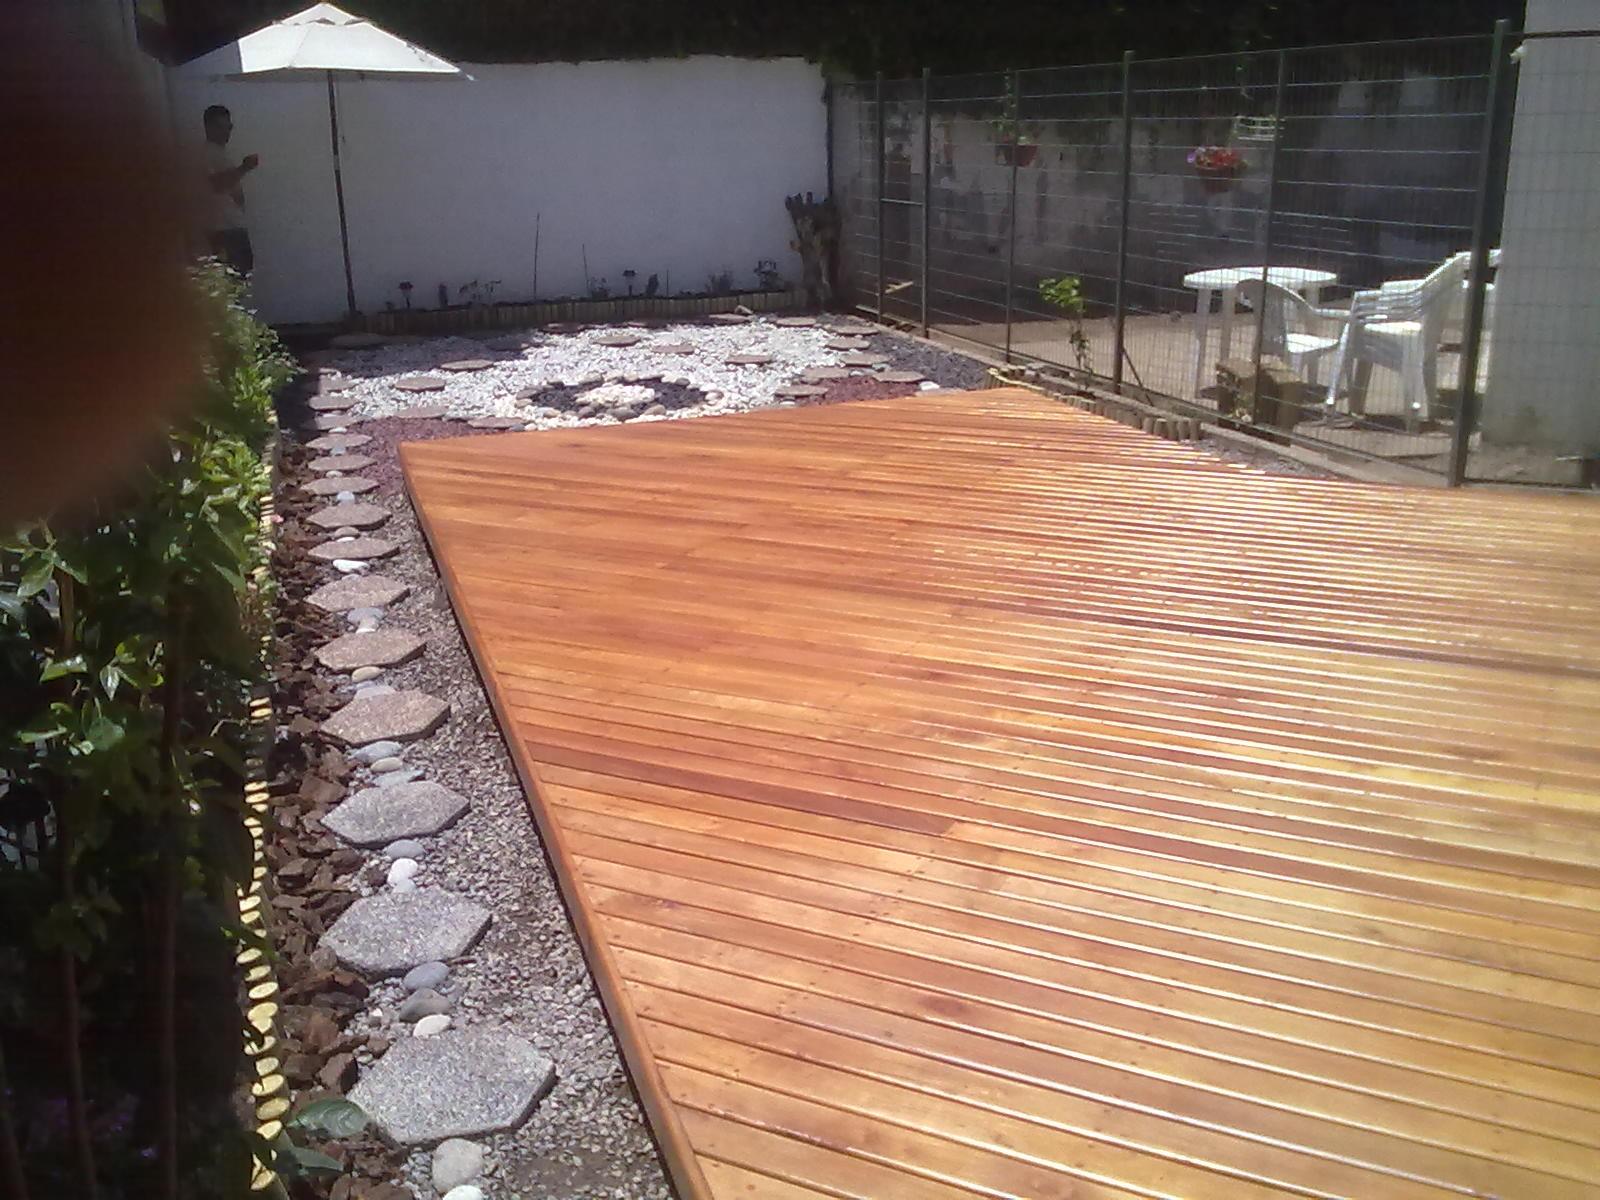 Puertas japonesas deck pisos de madera terrazas for Terrazas japonesas